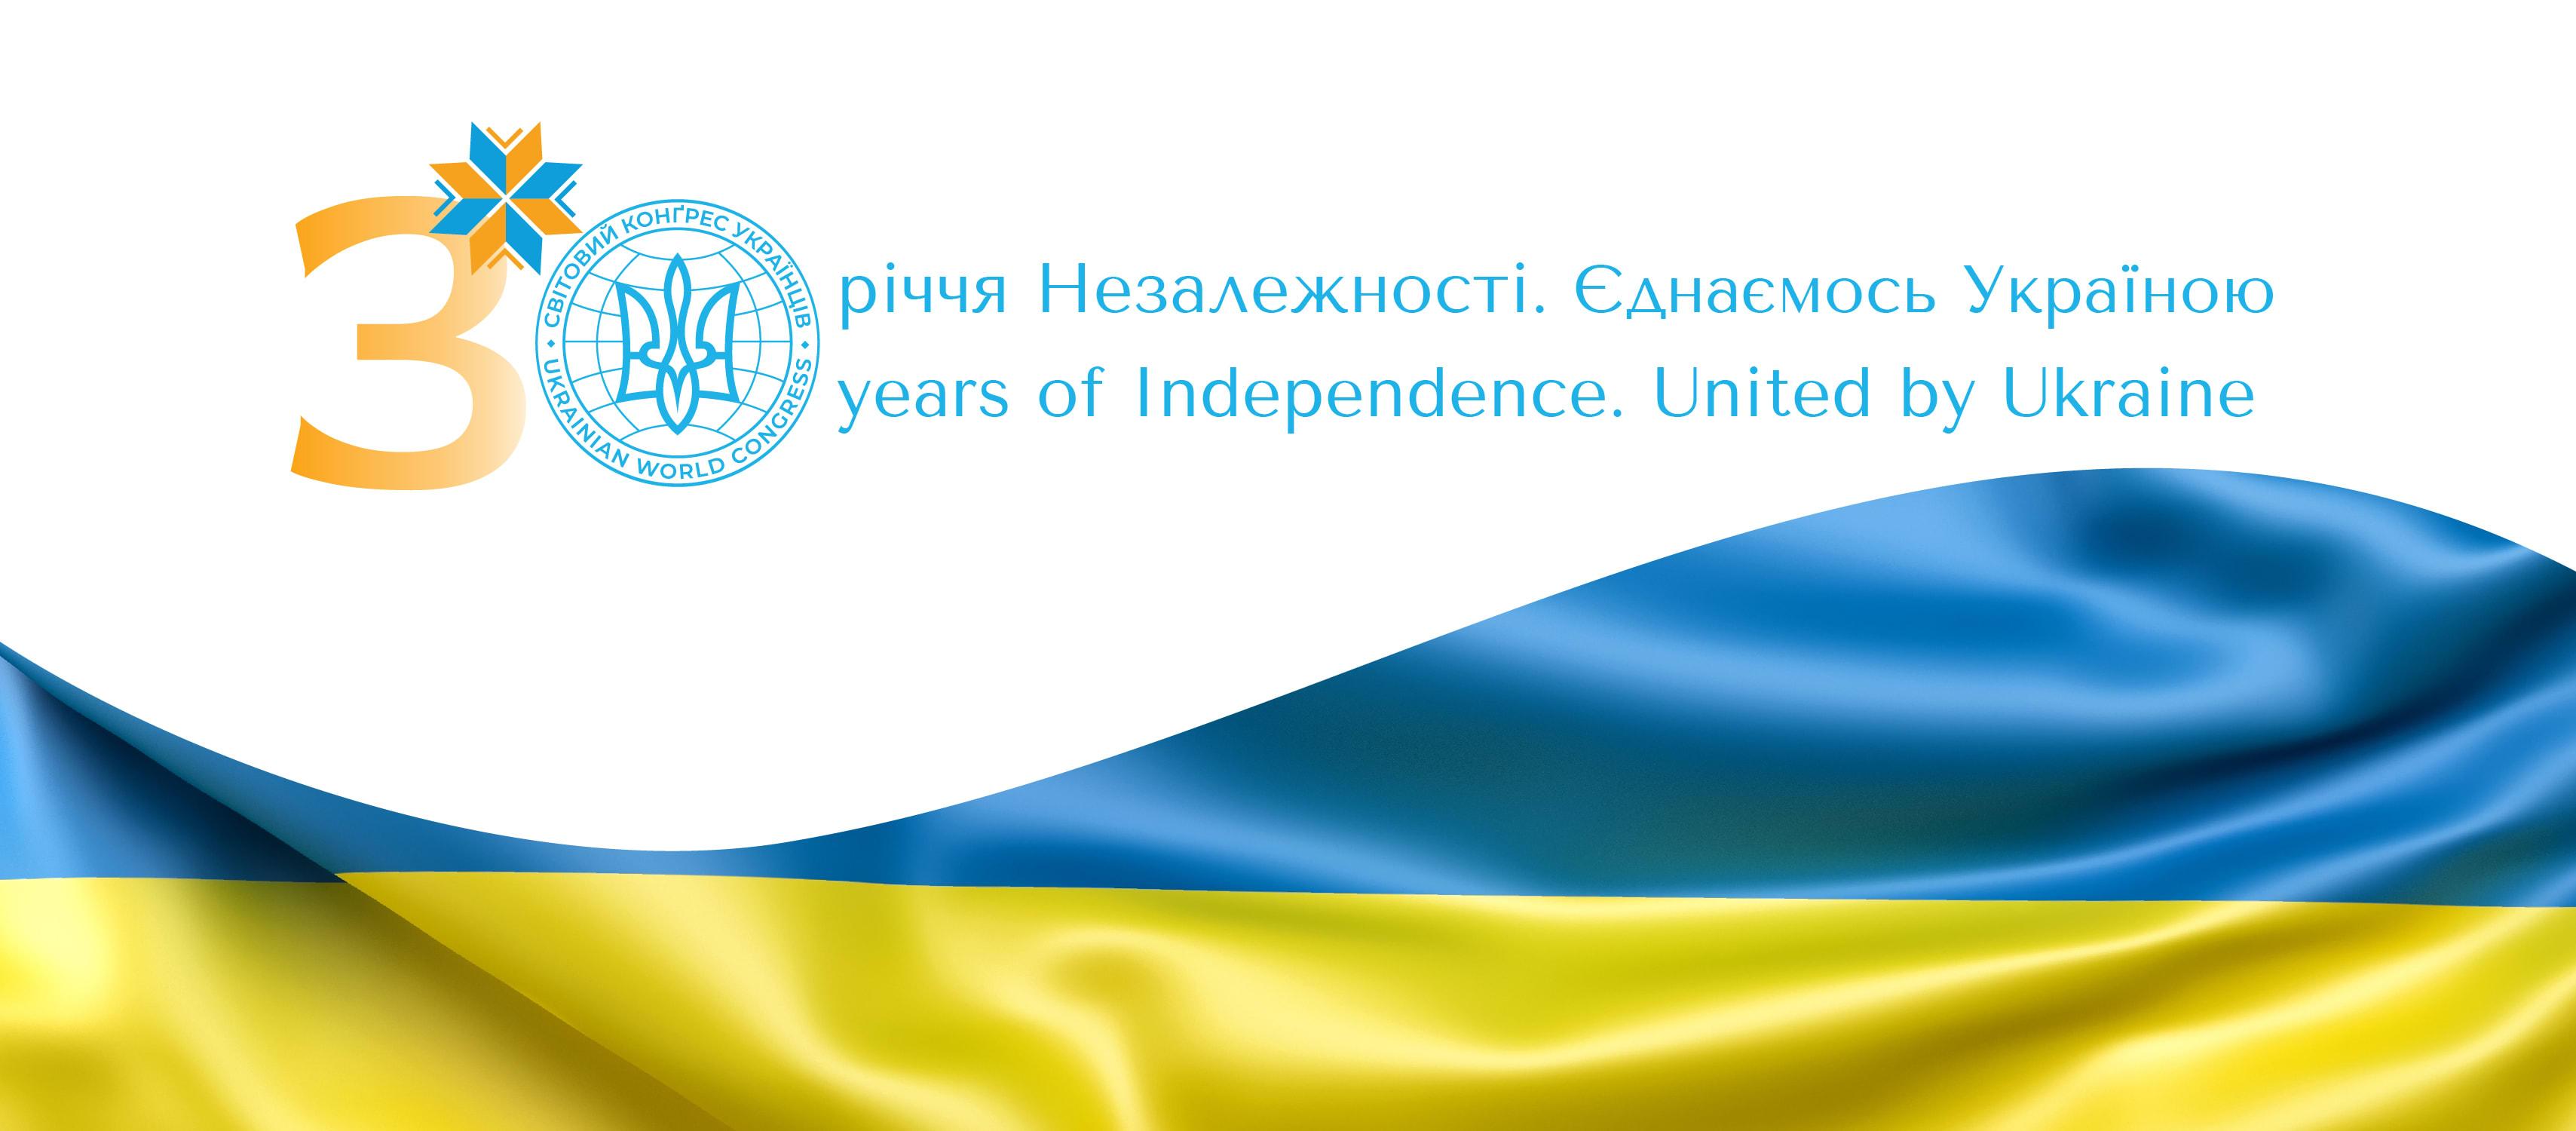 Celebrating 30 Years of Ukrainian Independence